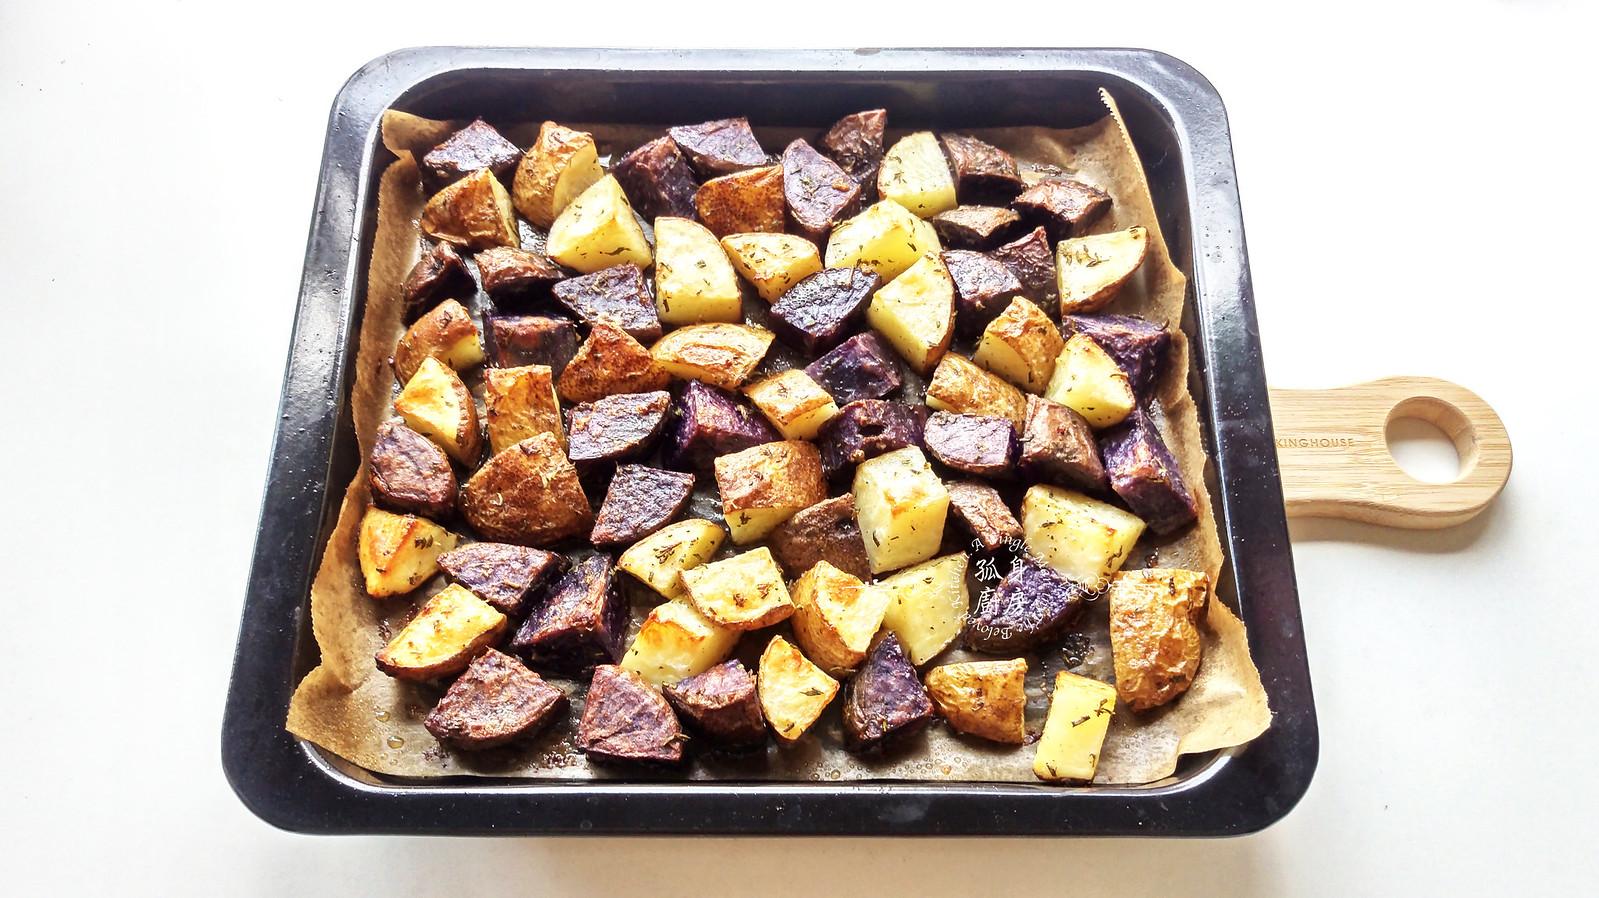 孤身廚房-香草烤雙色馬鈴薯──好吃又簡單的烤箱料理13